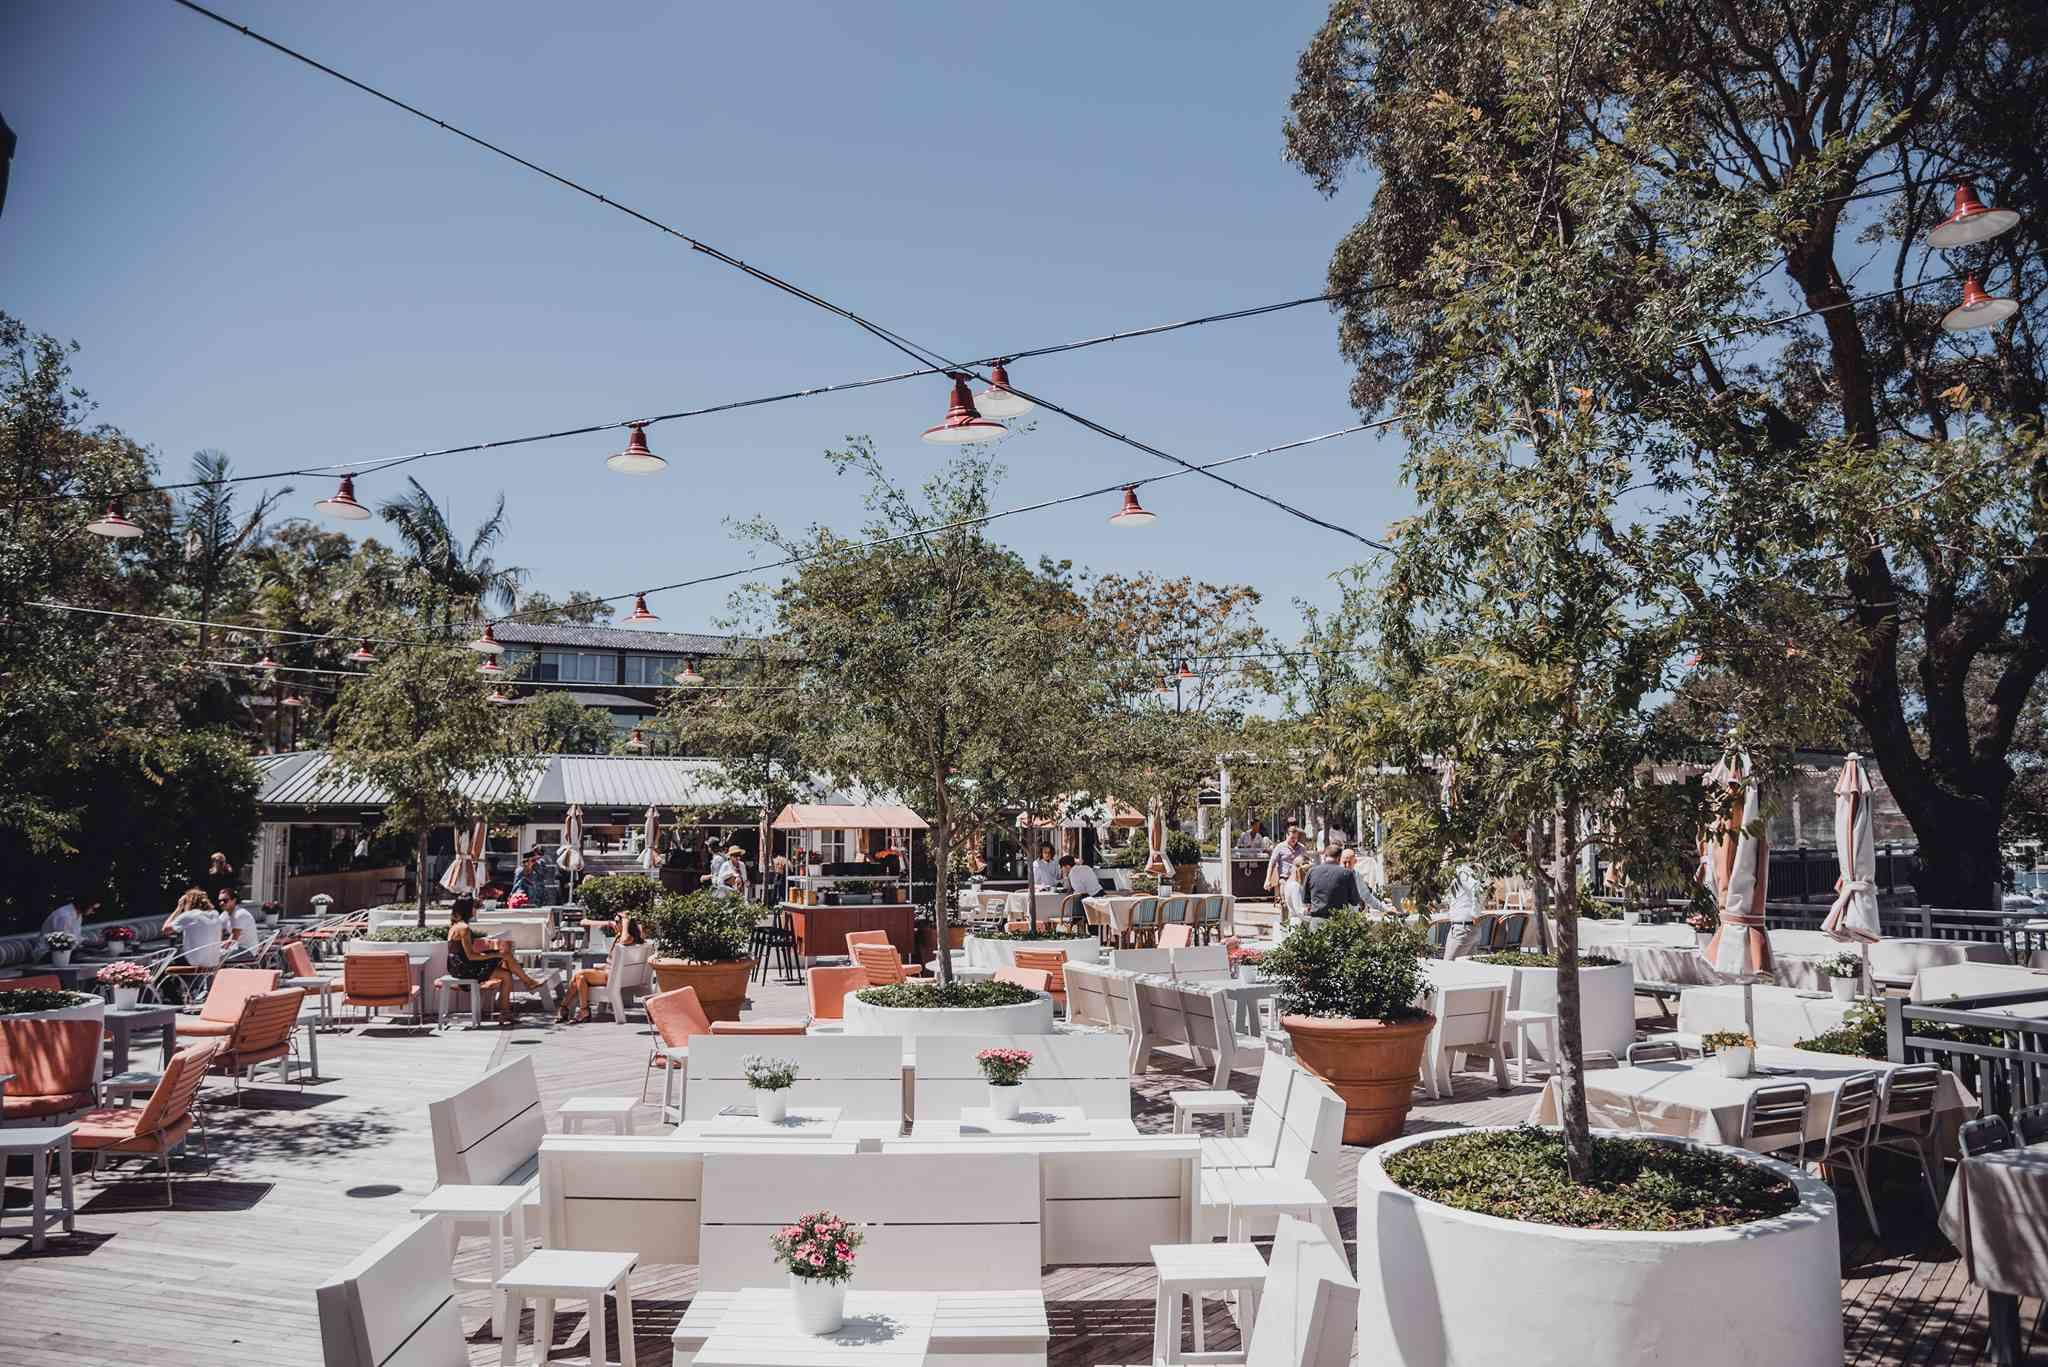 The Newport beer garden